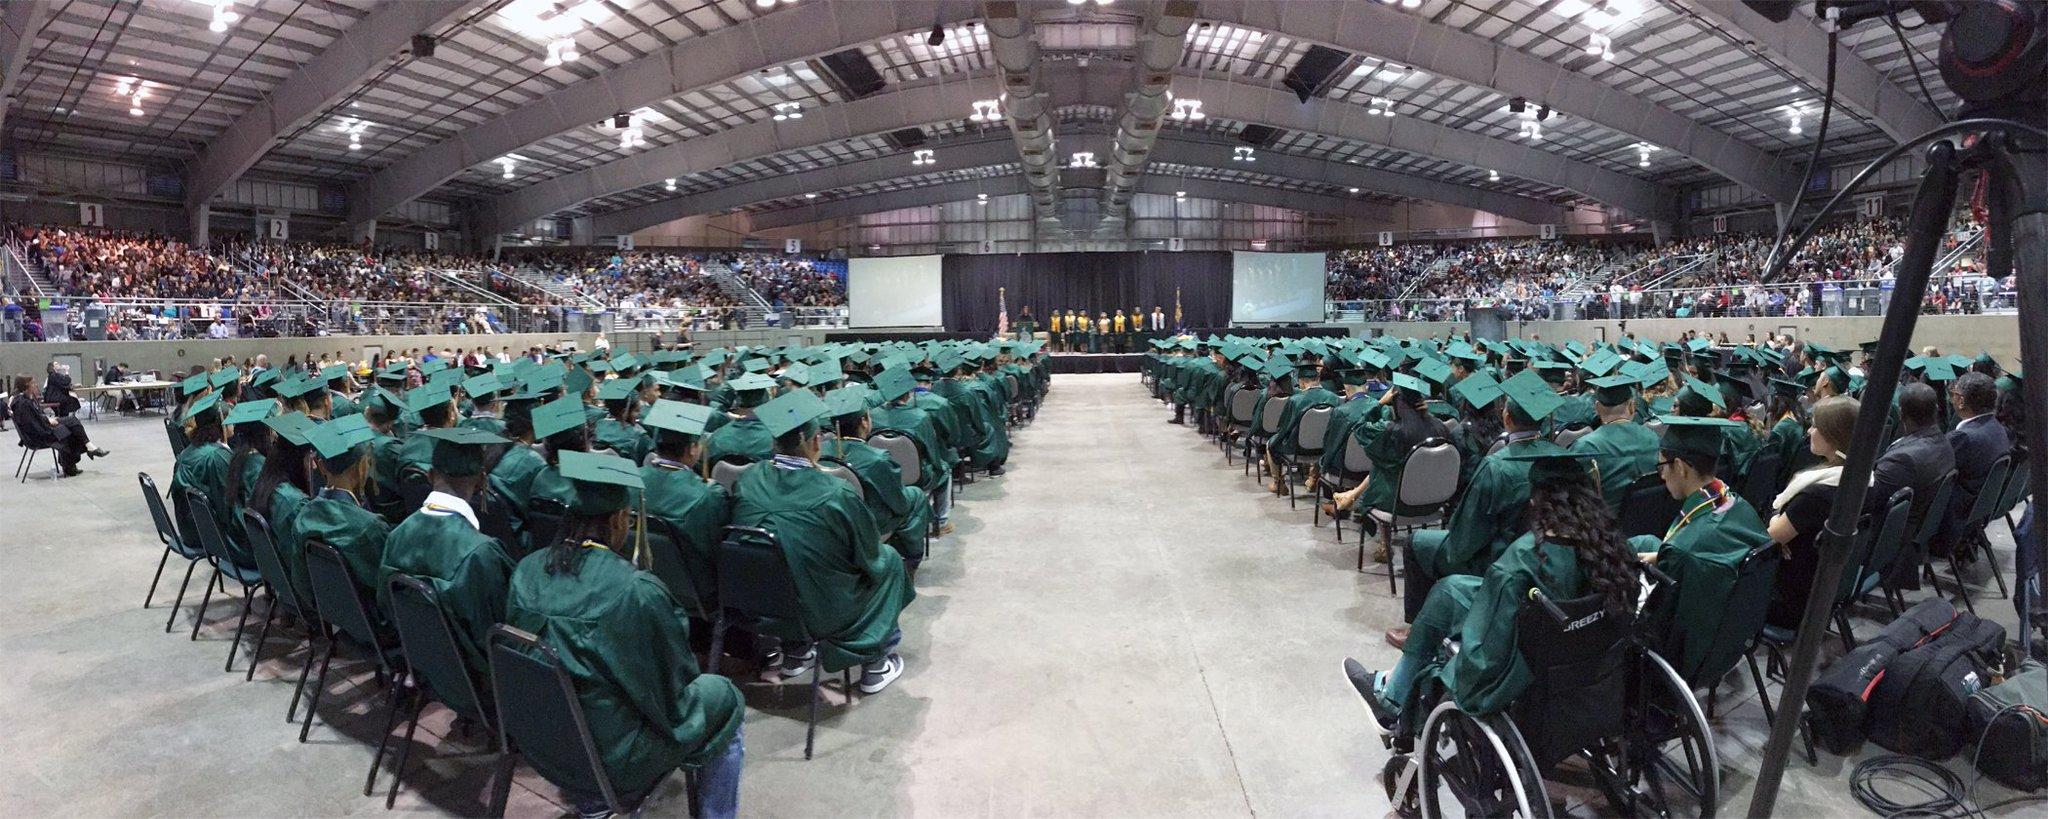 2017 McKay Commencement Ceremony